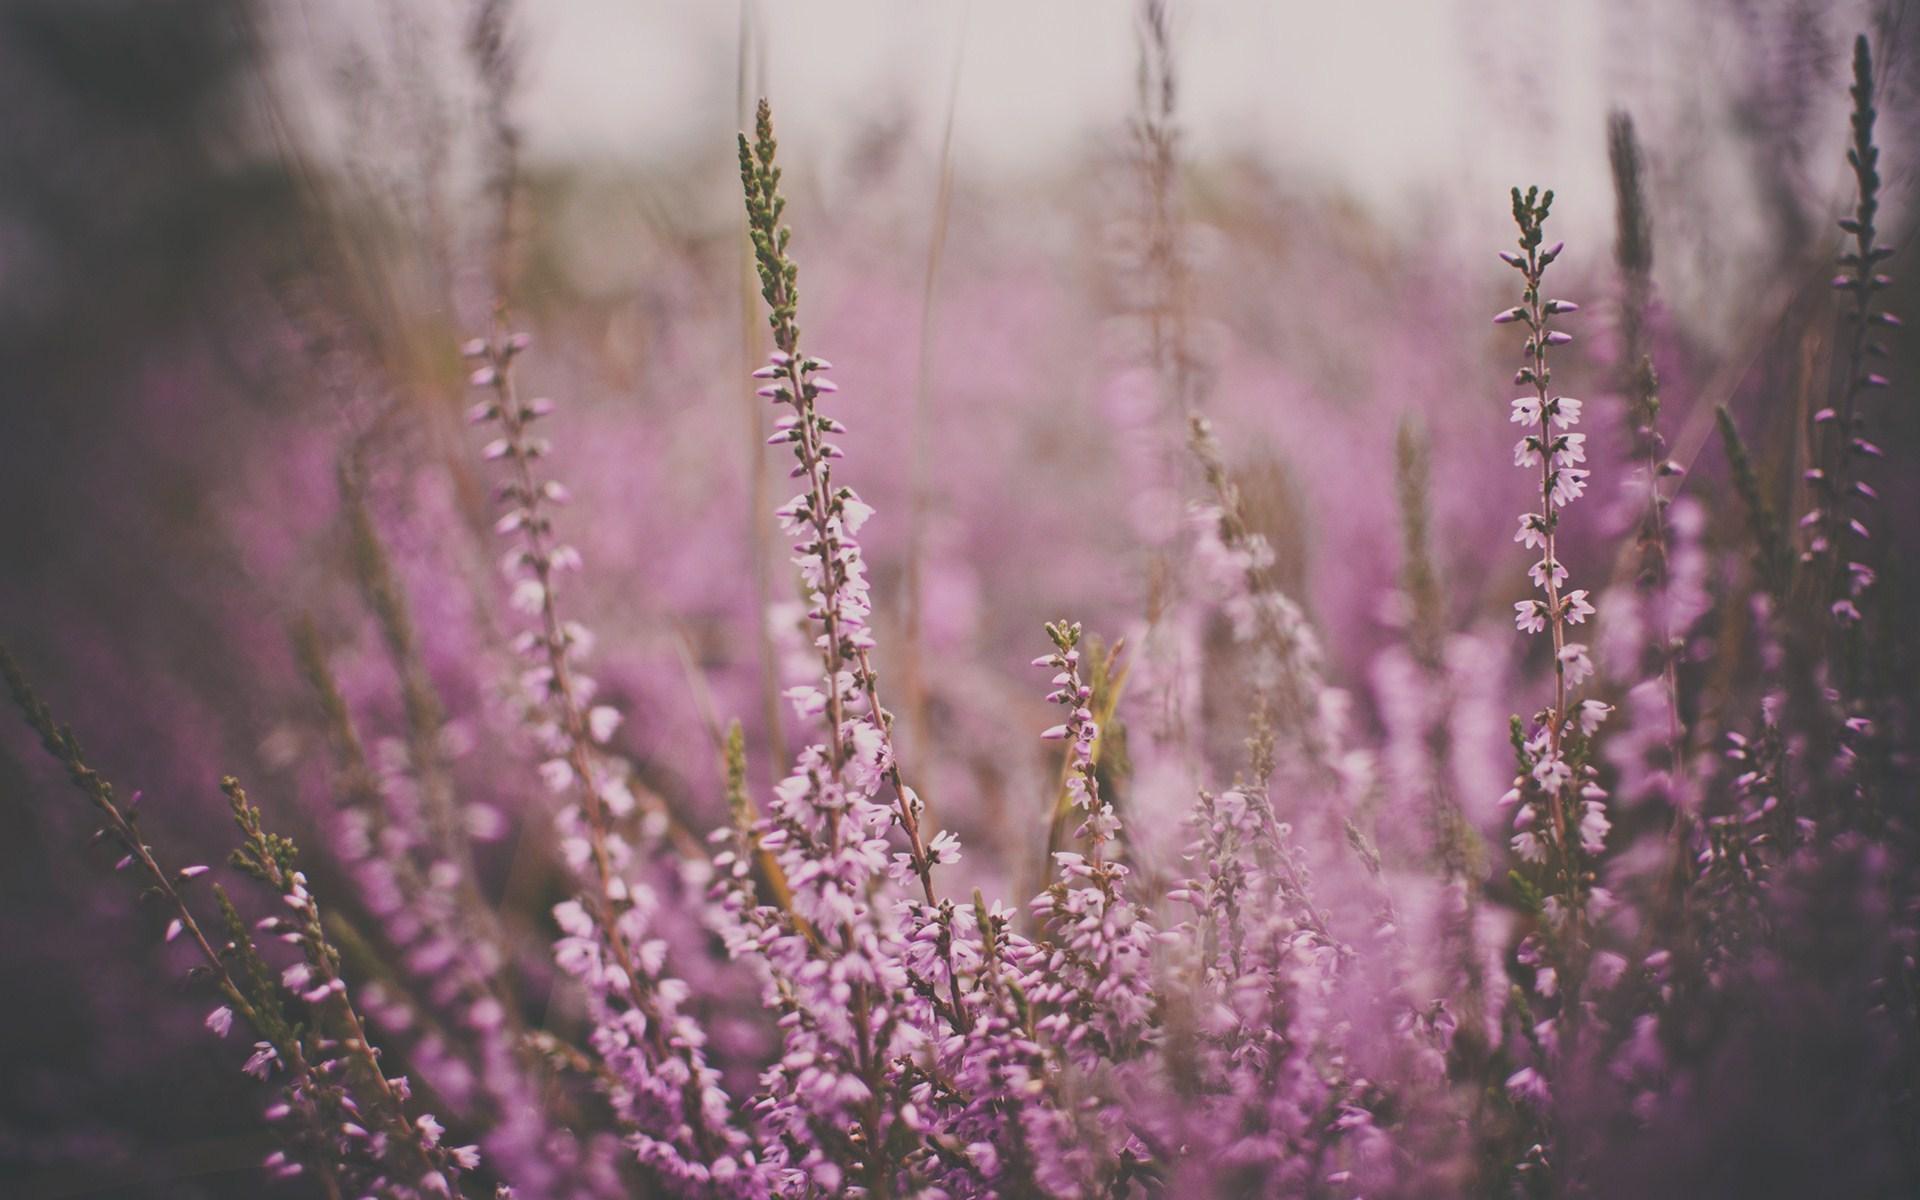 Field Flowers Macro